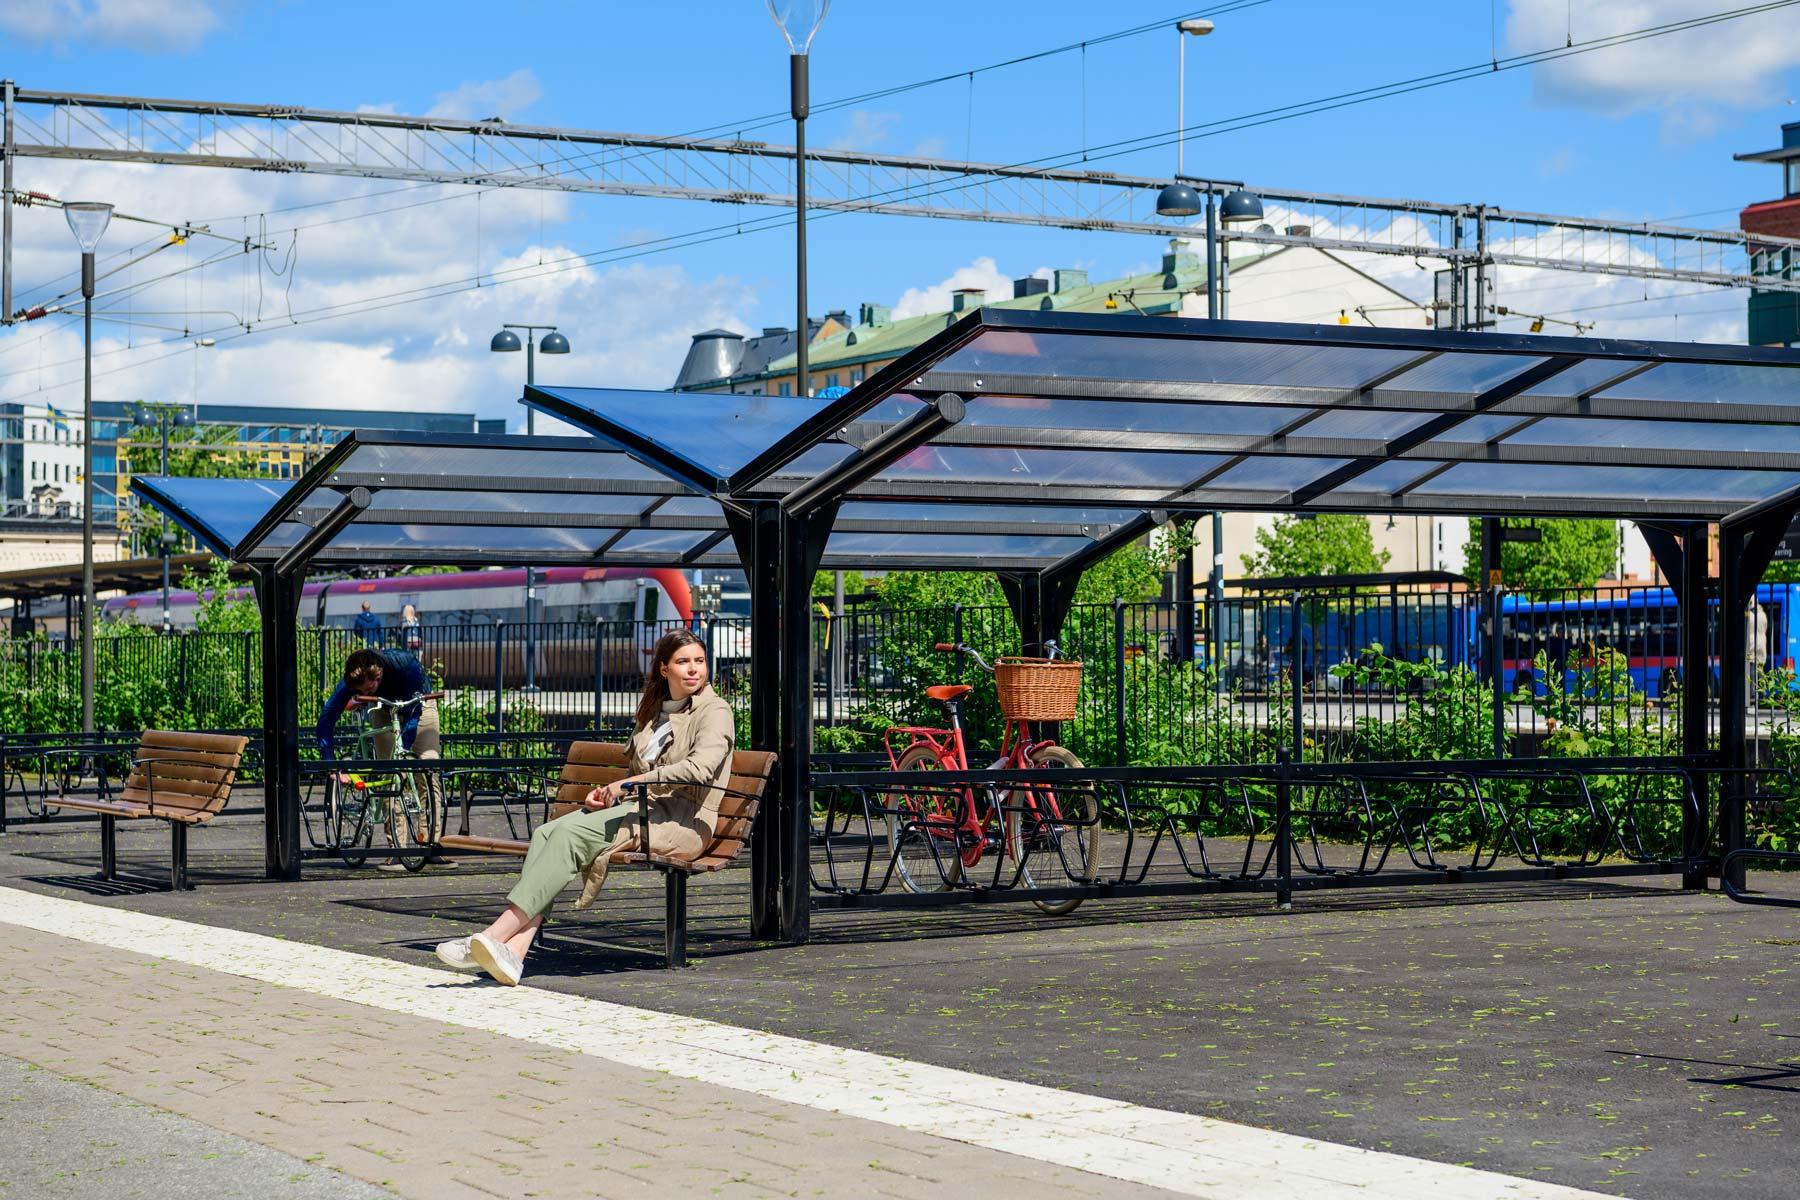 Cykeltak i dubbelt utförande och en parkbänk där en kvinna sitter.